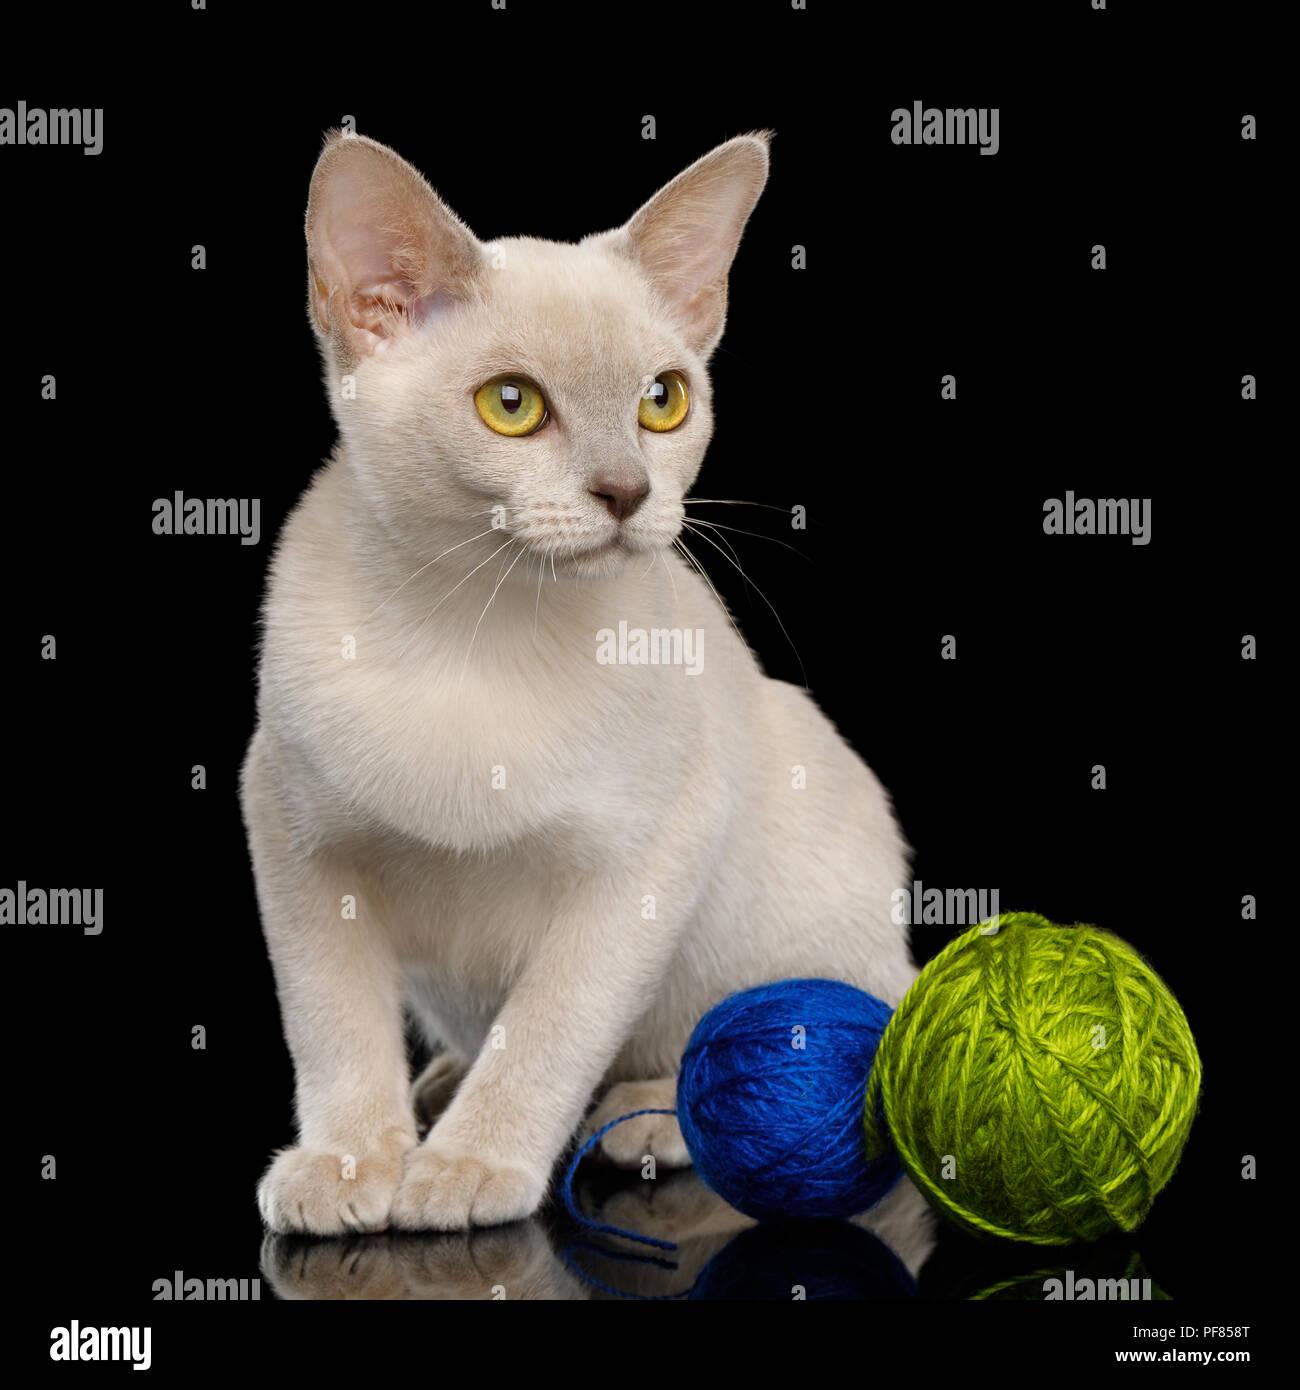 AmiCats Burmese Cat amigurumi crochet pattern in 2020   Cat ...   1390x1300